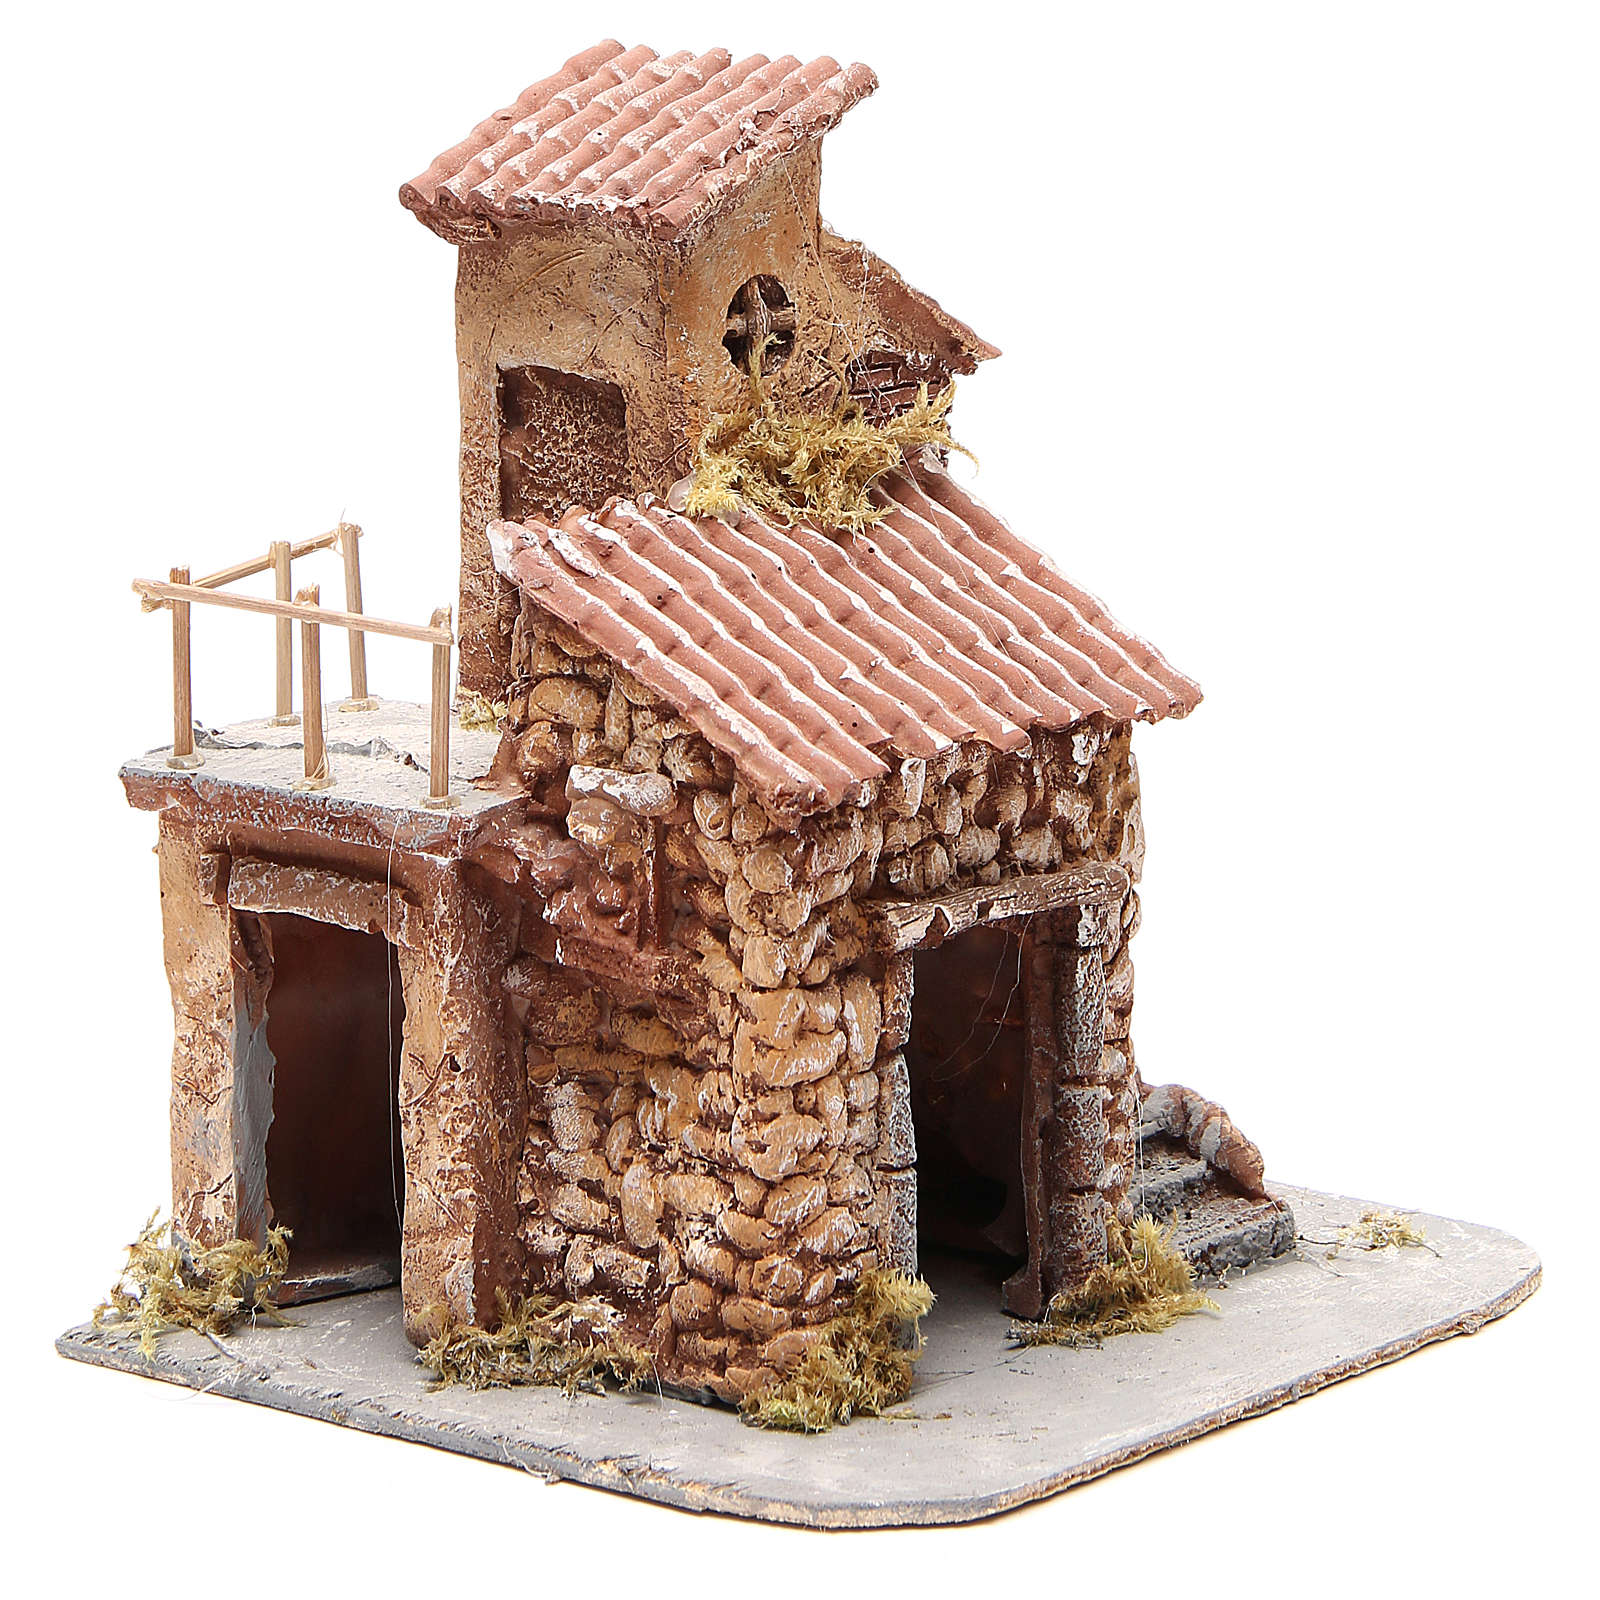 Casetta resina e legno presepe napoletano 25x22x20 cm 4